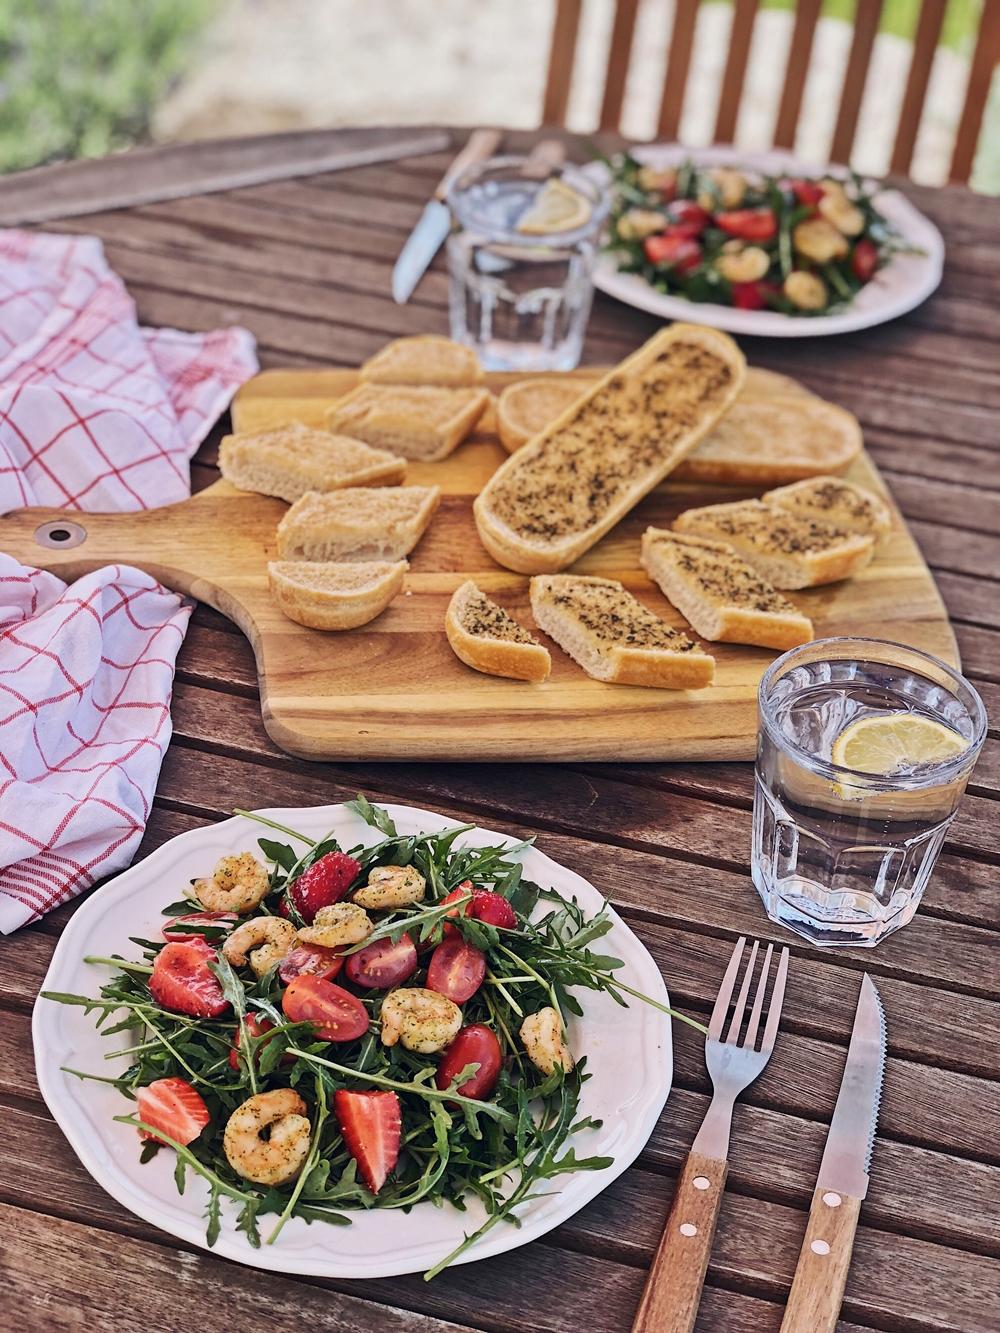 ... Das Frisch Auf Den Tisch Bringen Kann. Meistens Läuft Es So Ab, Dass  Ich Mit Einer Schüssel Oder Körbchen Raus Gehe Und Dann Ernte, Was Gerade  Reif Ist.